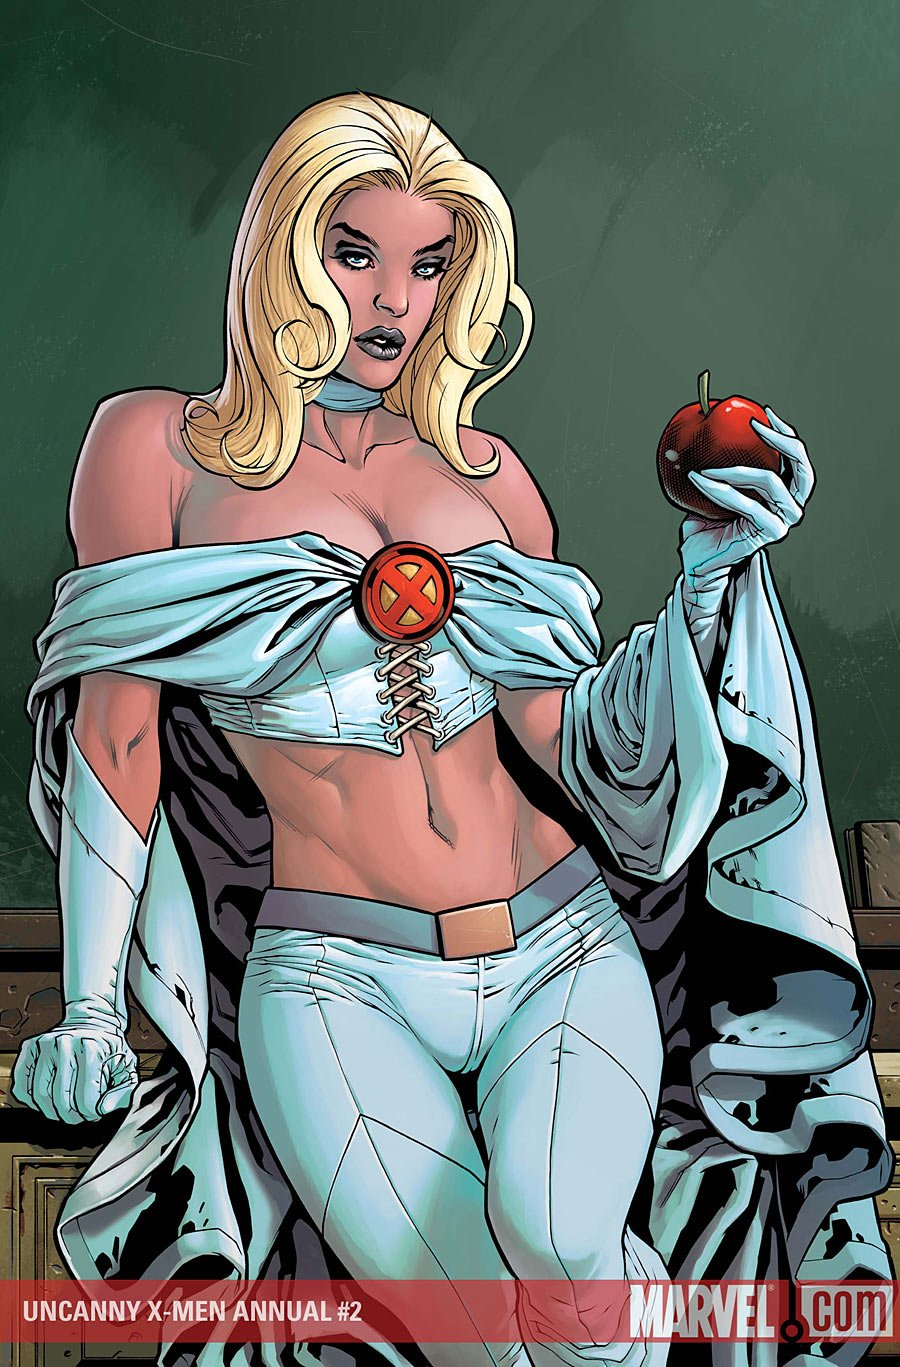 Топ-10 самых горячих героинь комиксов | Канобу - Изображение 139